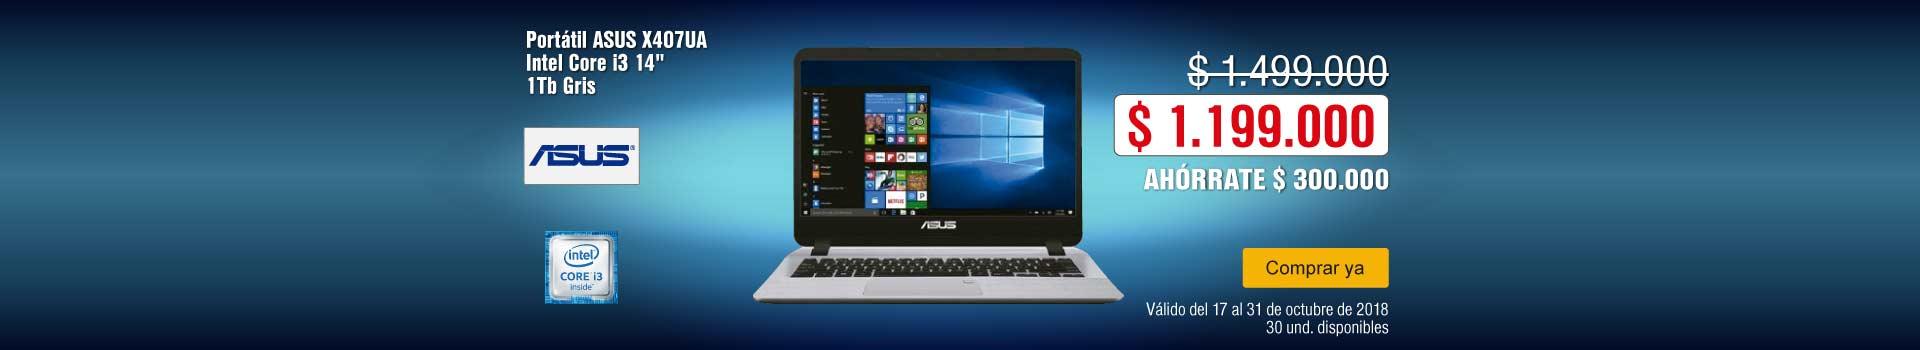 KT-BCAT-3-computadores y tablets-PP---Asus-Portátil X407UA-Oct17